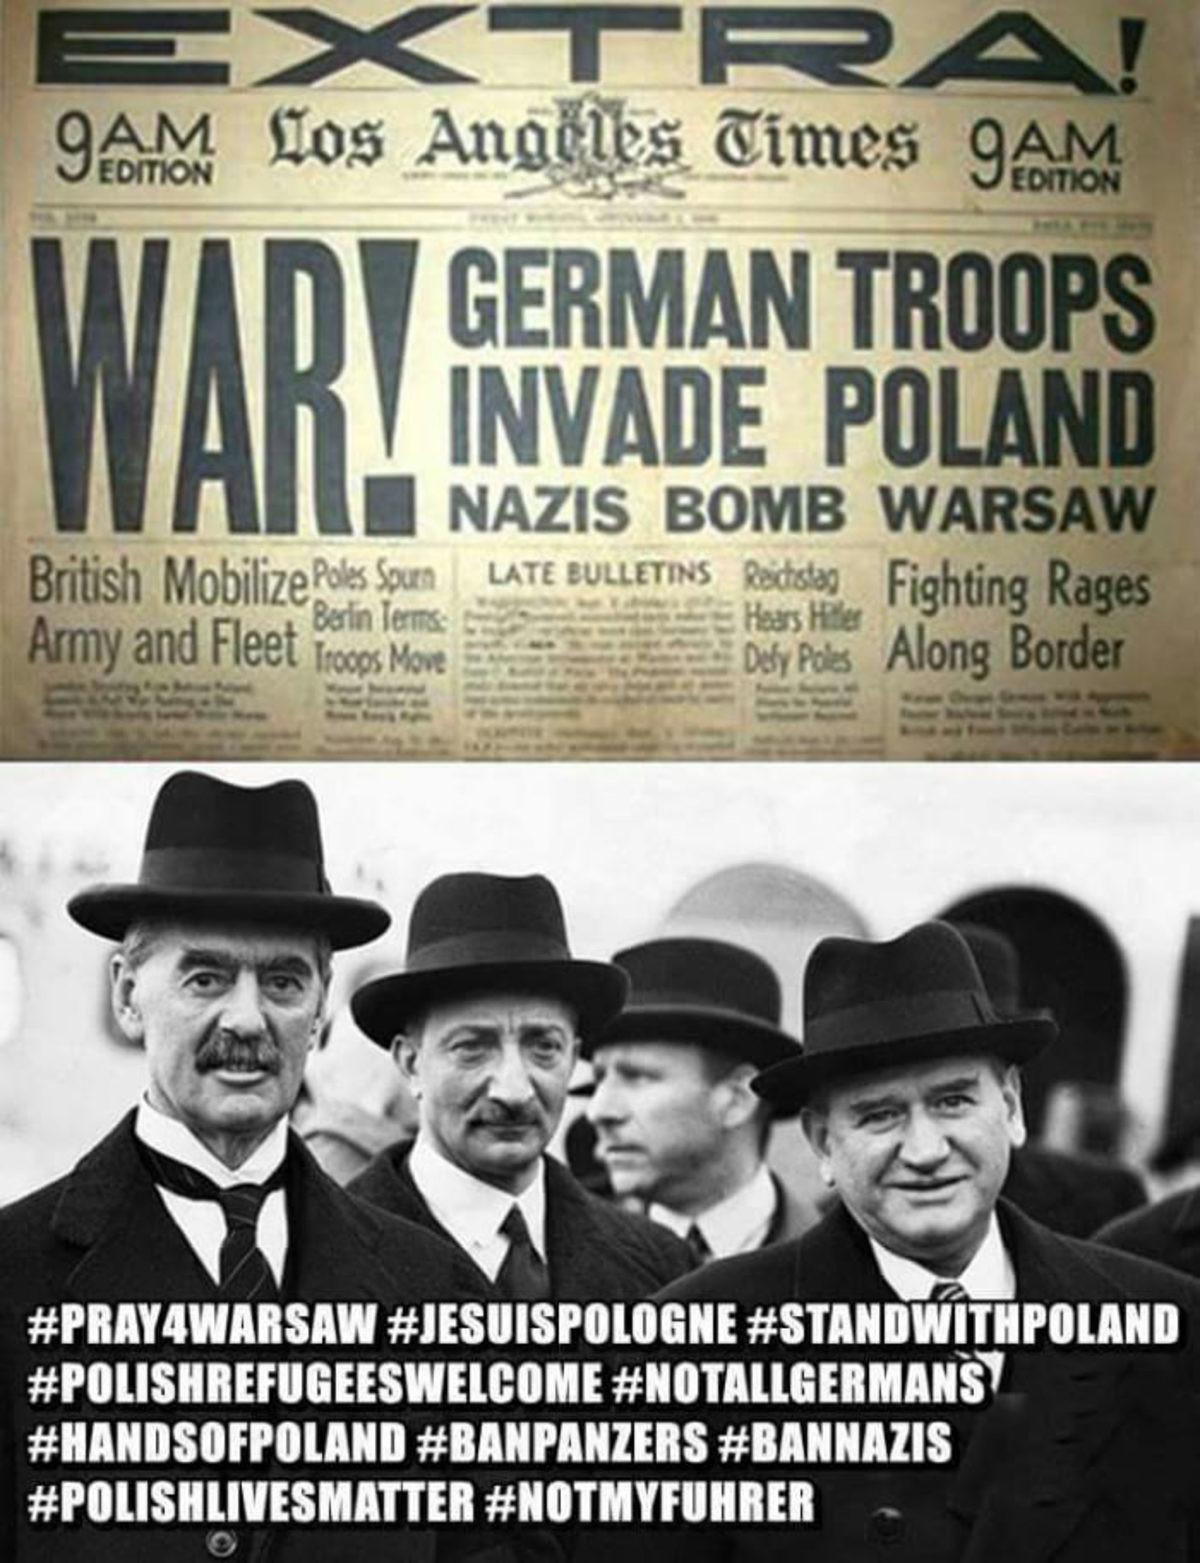 """. . llmylw tpli, llooll, ' ll"""" ll' hlt. # support our troops wehrmacht denn sowas ?"""